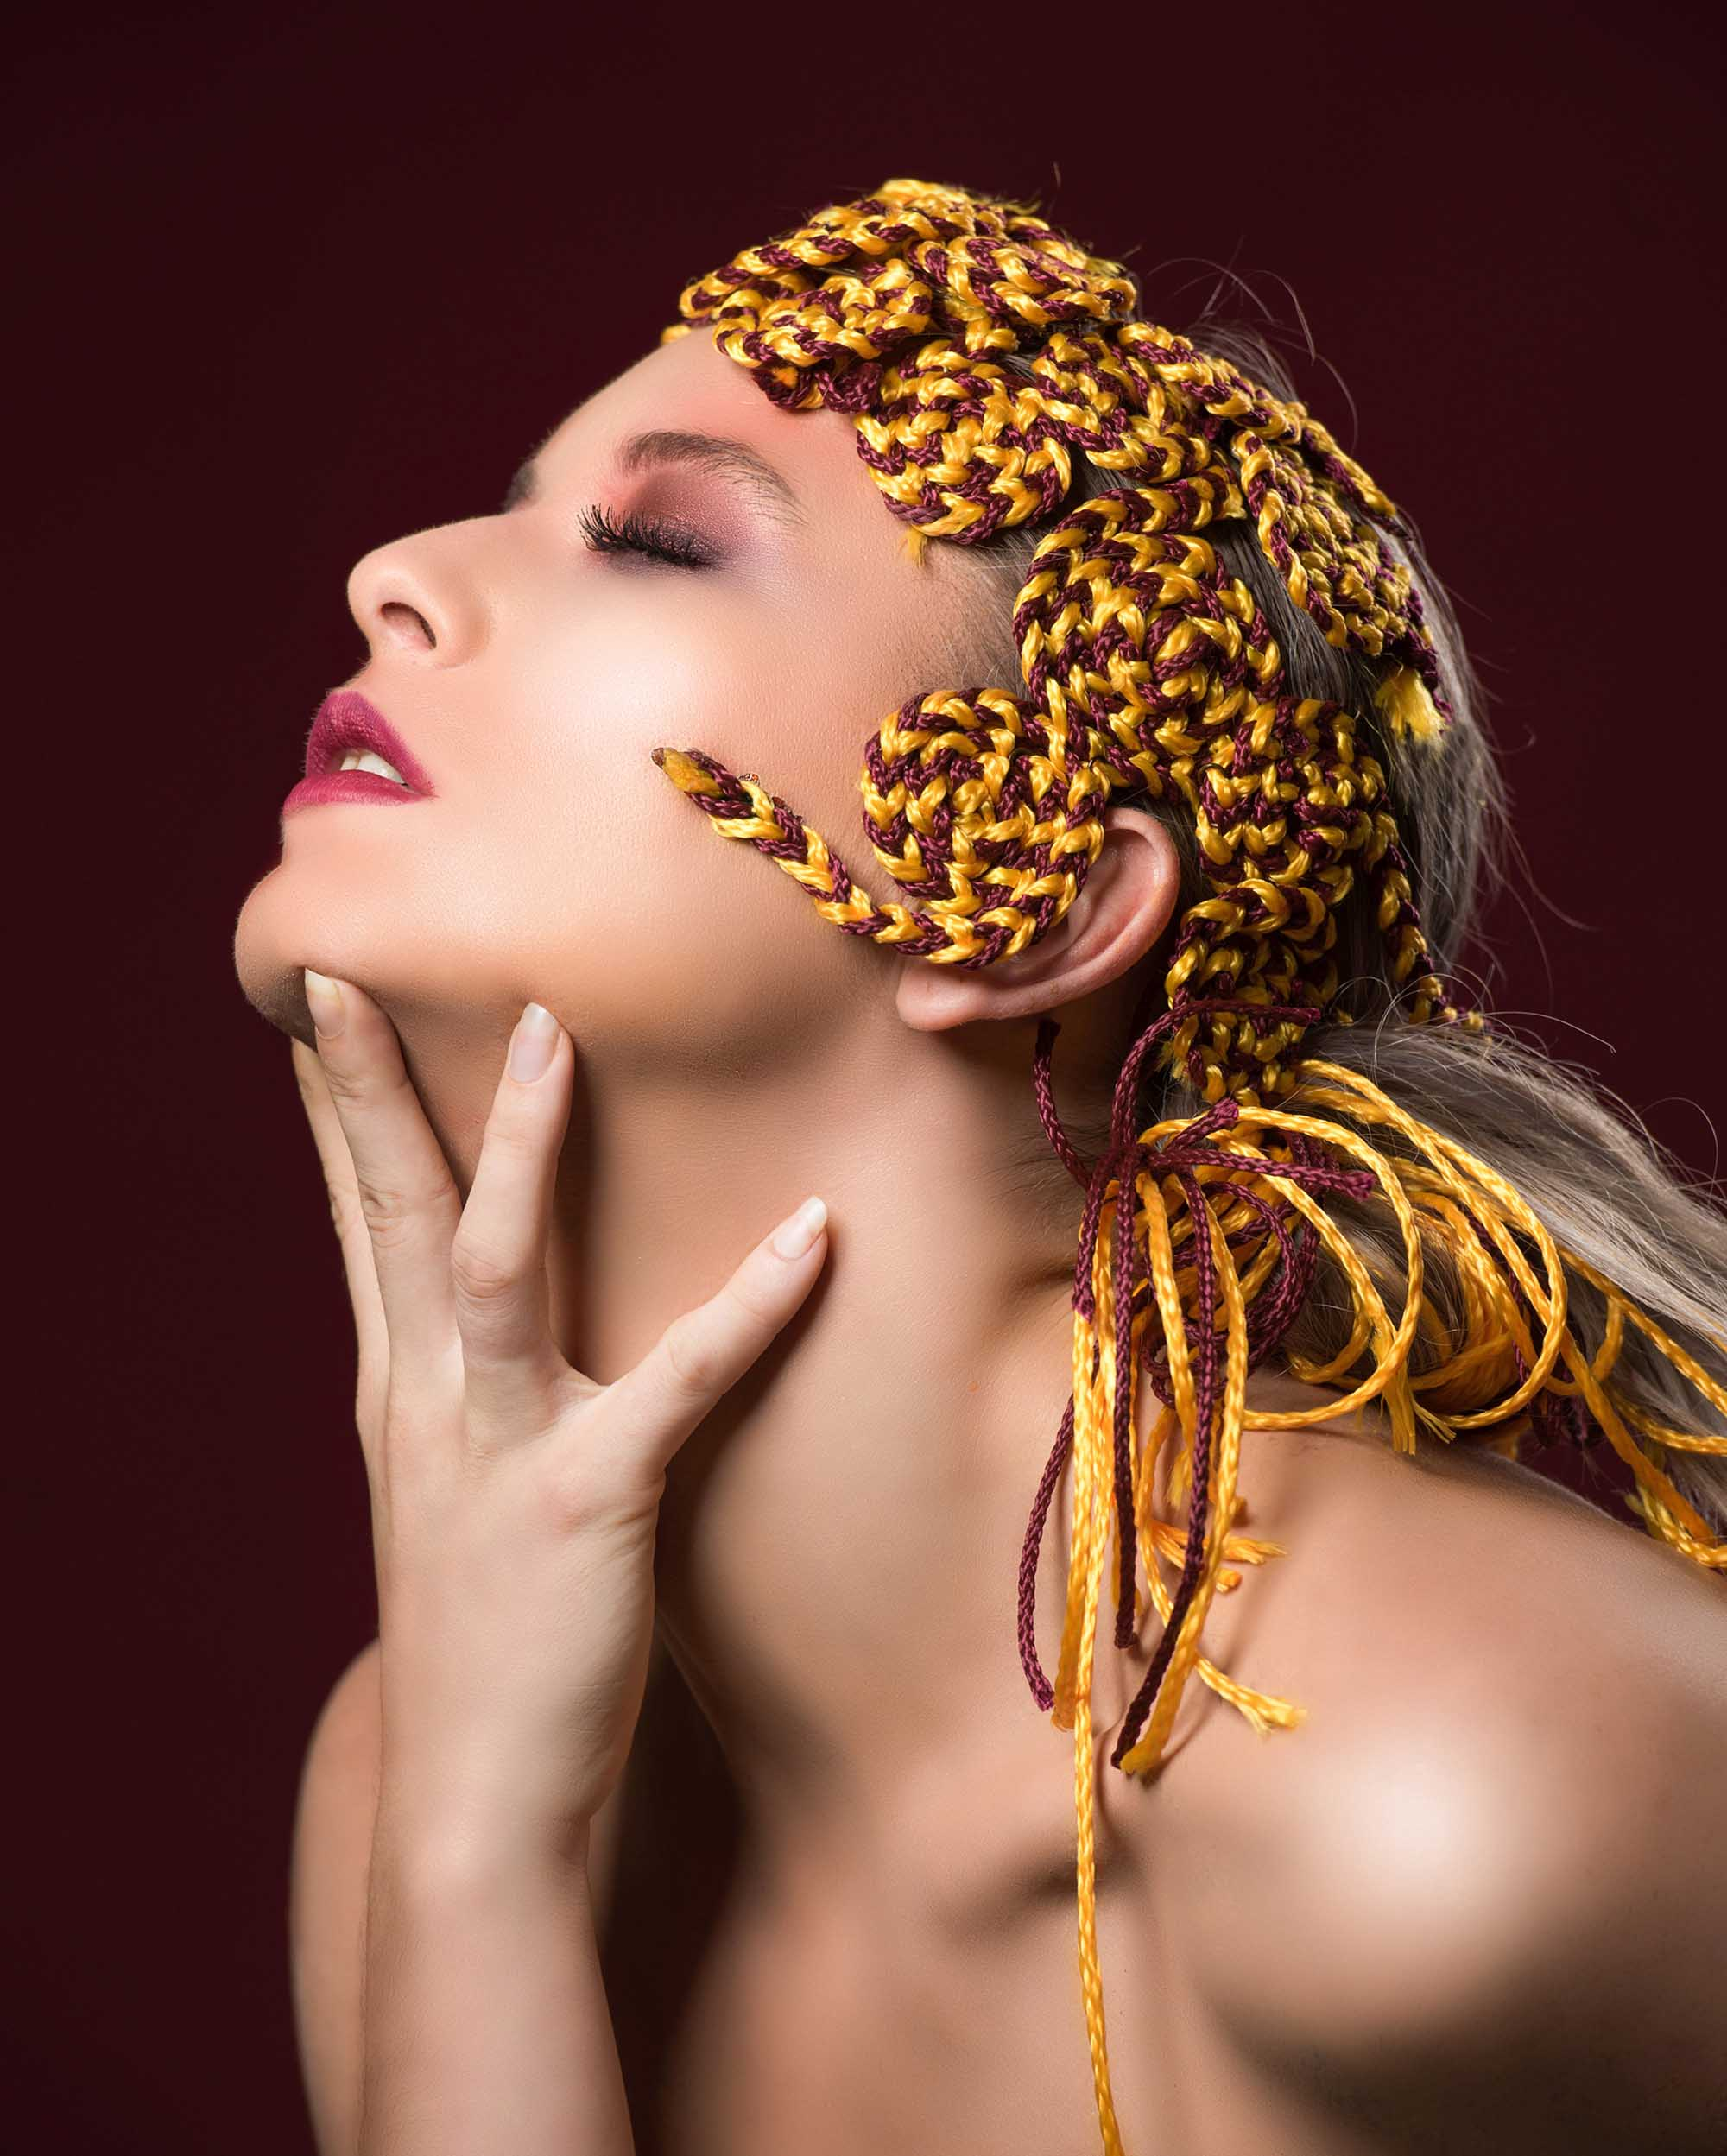 צילום: מני פל, סטיילינג וארט: ליז פלנסיה, עיצוב שיער: שרון פור, איפור: נתנאל טל, דוגמנית: סופה רוזן, עוזרת סטייליניג: אתי פלנסיה, - Fashion Israel - 2020 חדשות אופנה 2020, כתבות אופנה 2020, טרנדים 2020, מגזין אופנה ישראלי, אופנה -